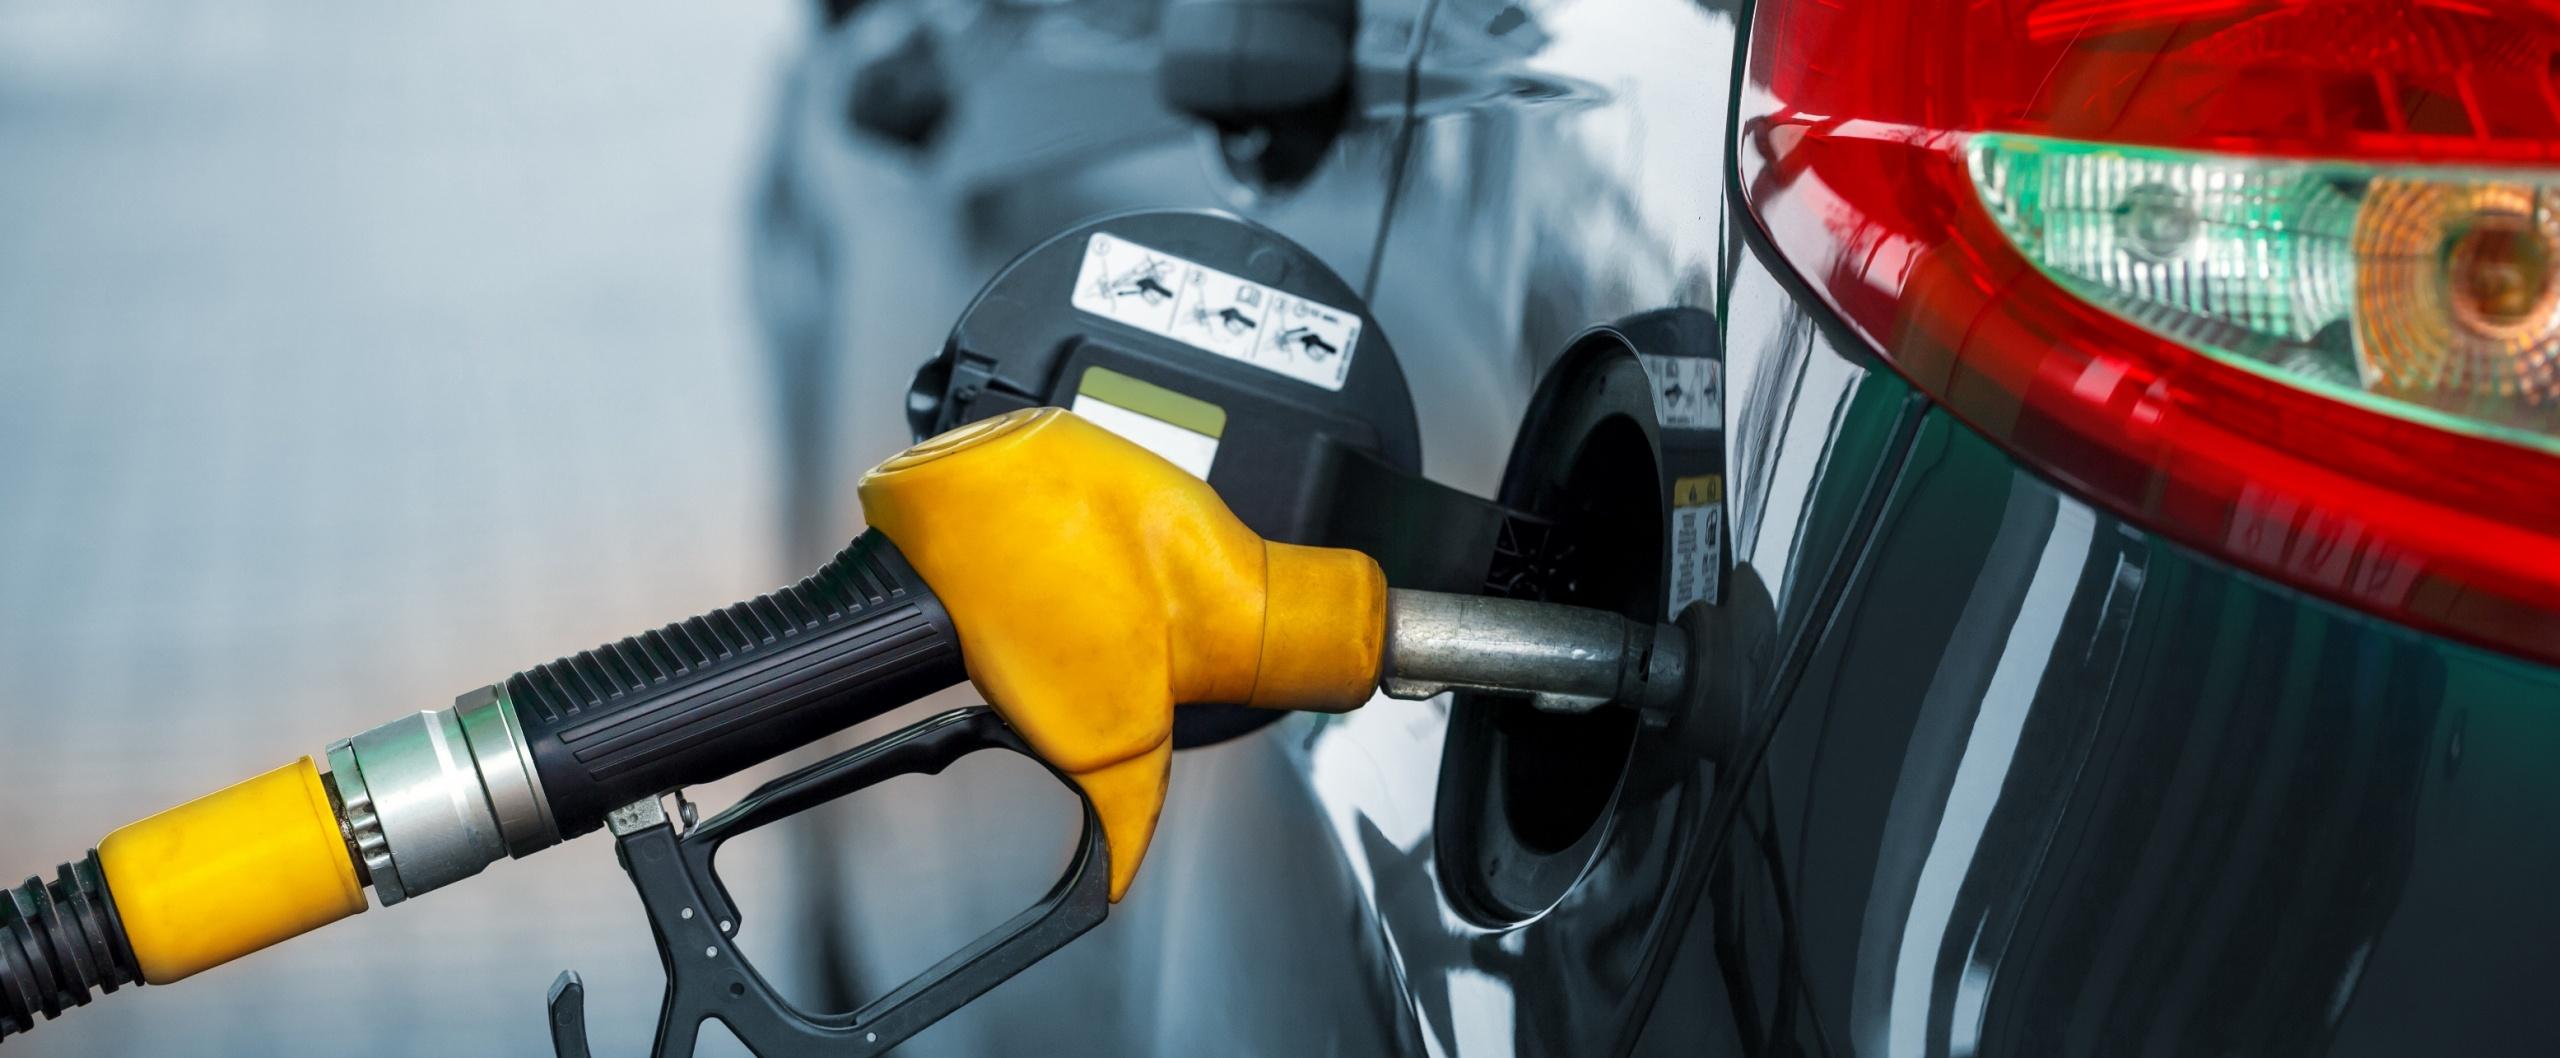 התקני תדלוק, התייעלות בתצרוכת הדלק